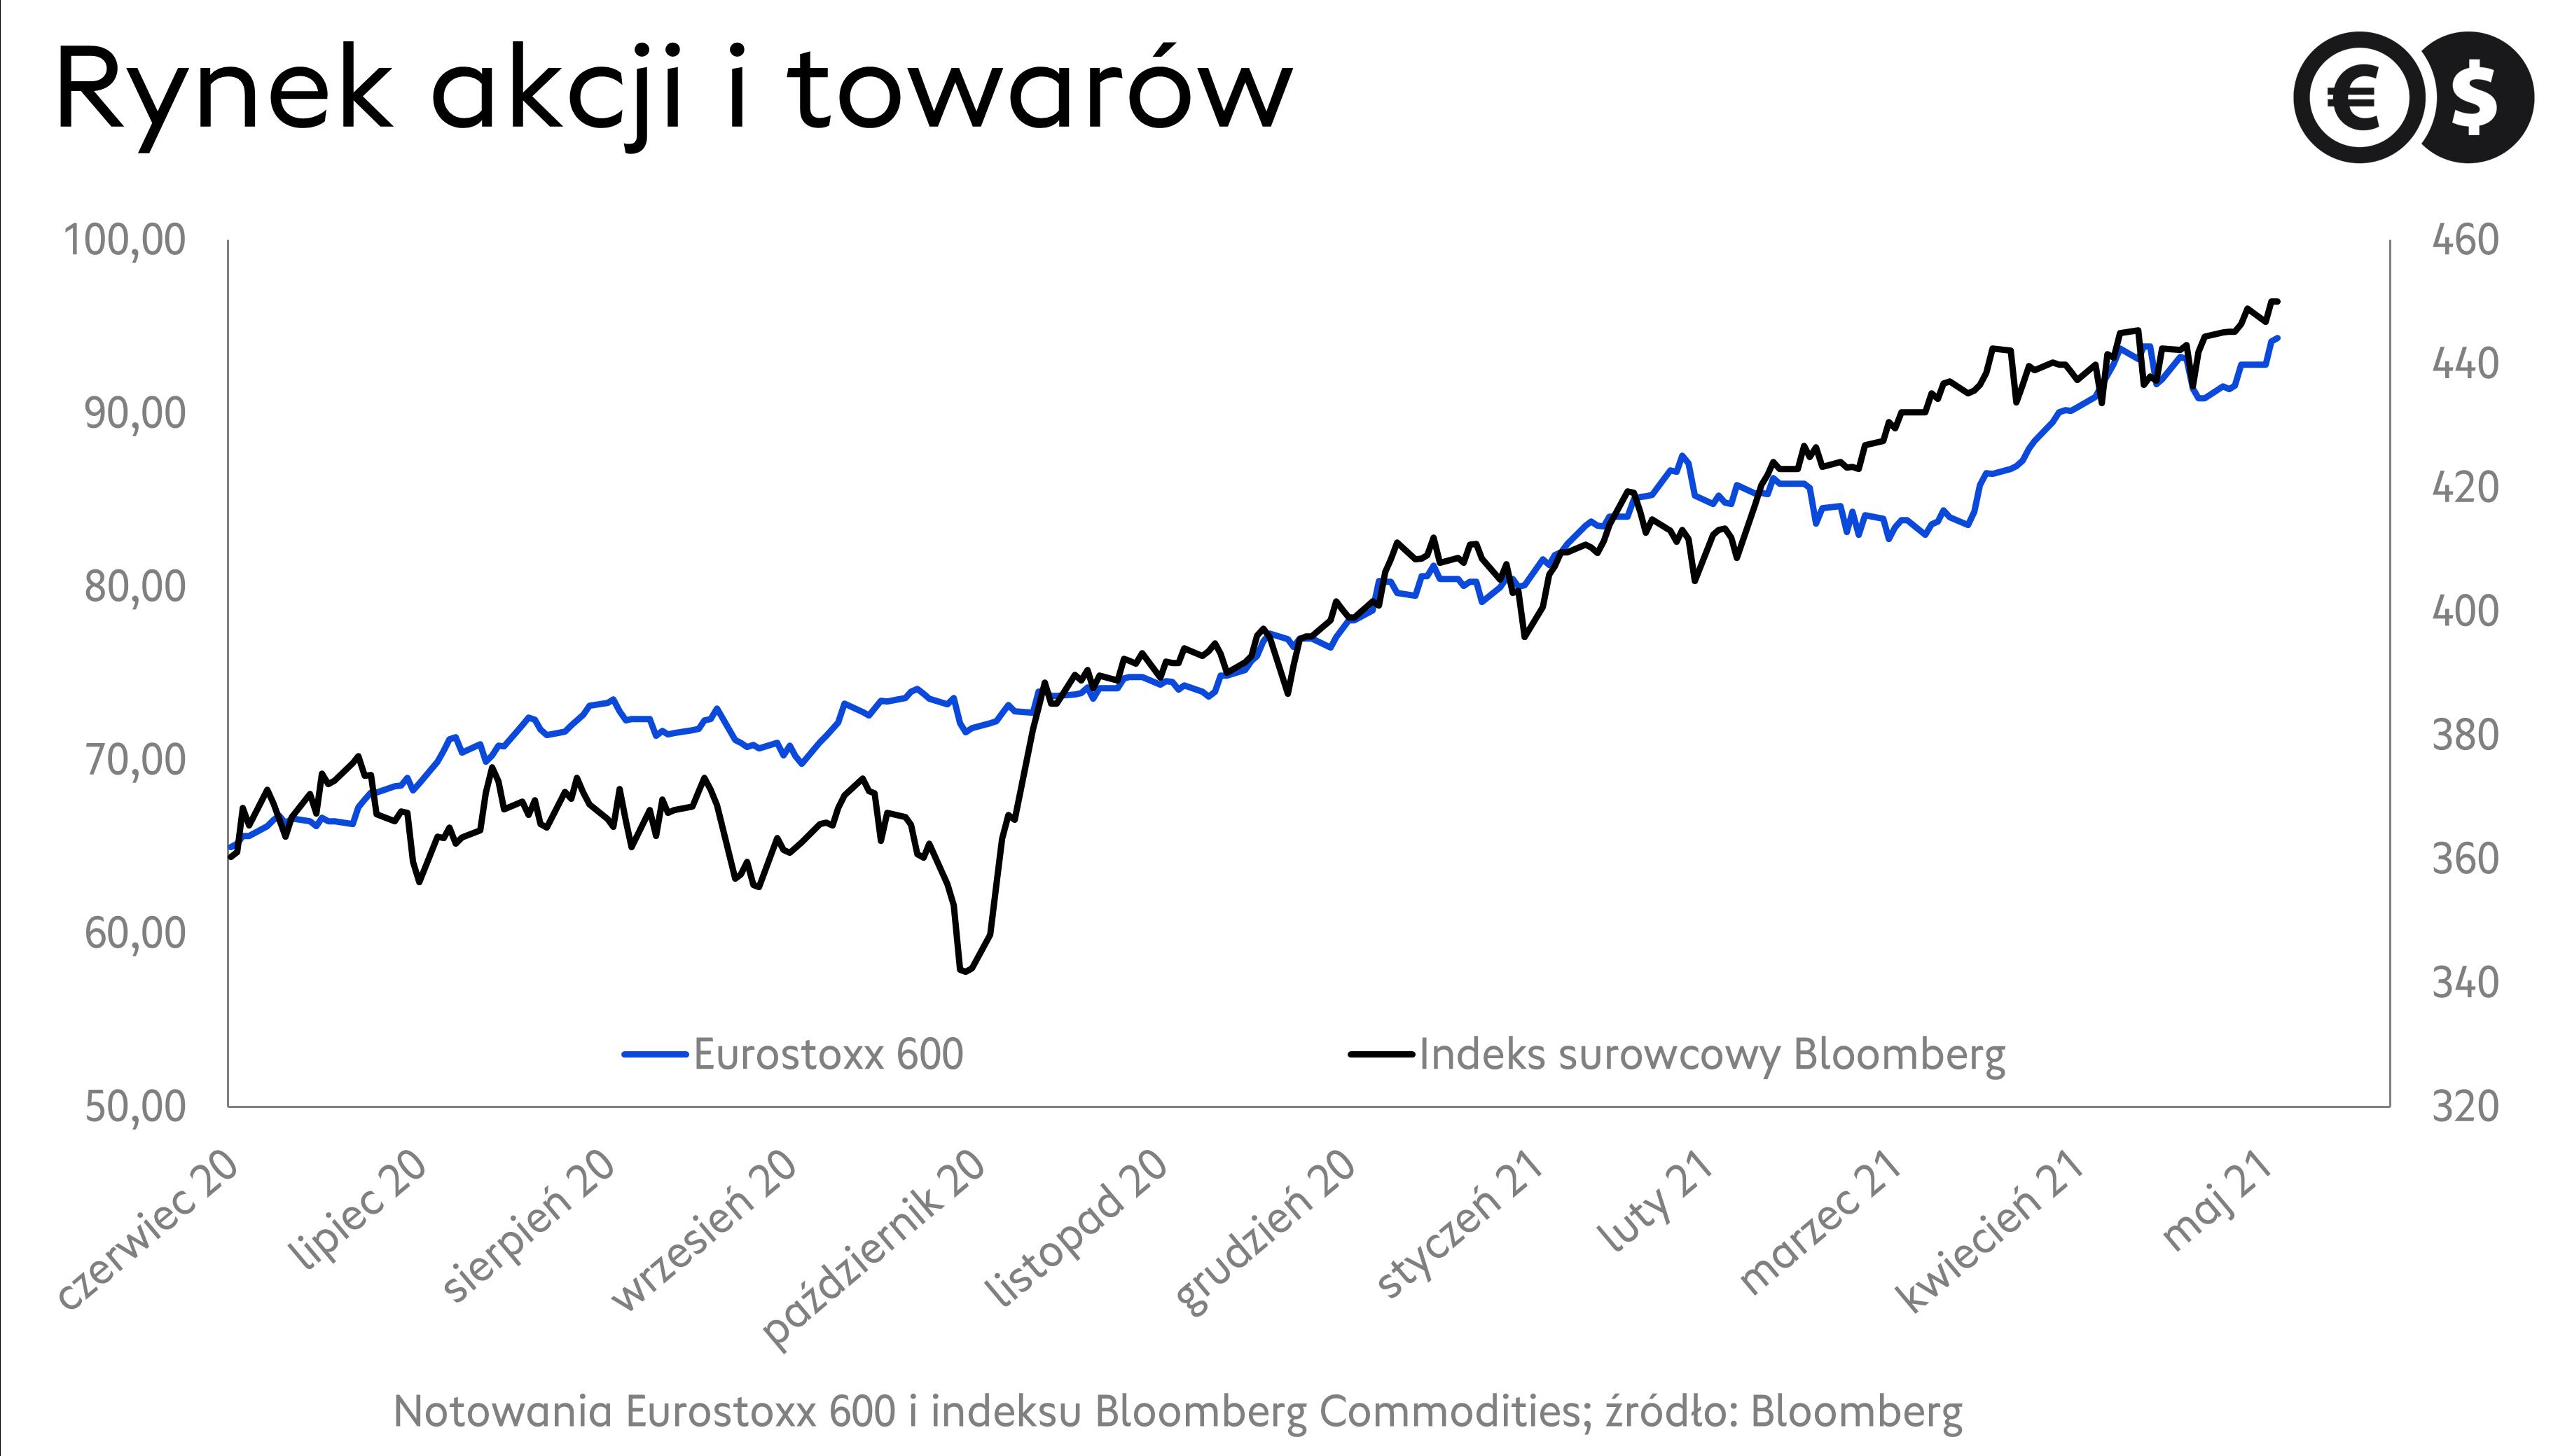 Europejski rynek akcji i rynek surowców, wykres Eurostoxx600 i Bloomberg Commodities Index, źródło: Bloomberg.